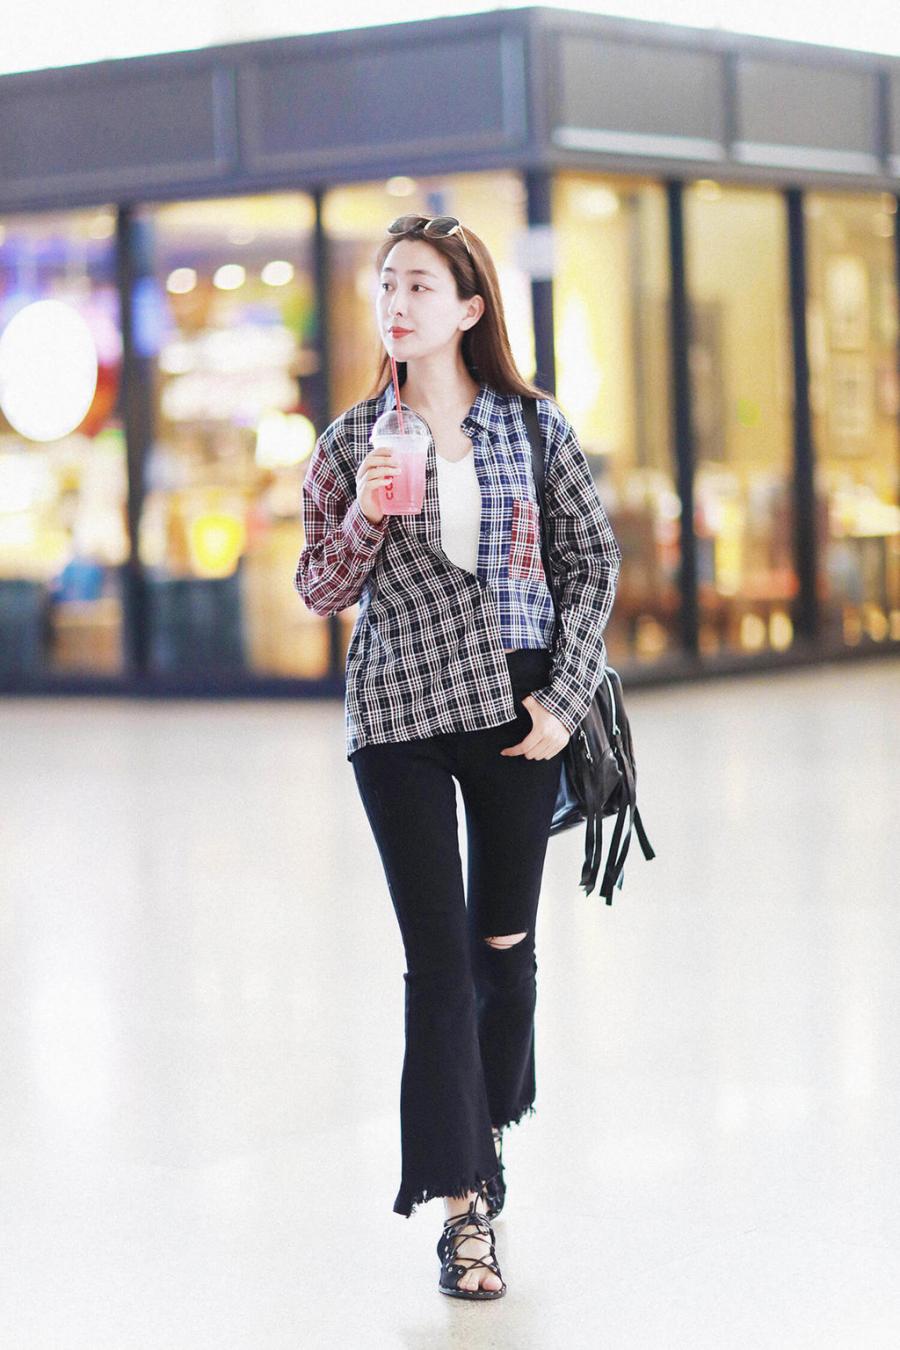 Công thức mix áo thun, sơ mi kẻ ô cùng quần jeans đã rất quen thuộc. Nhưng chỉ cần nhấn nhá bằng cách buộc cúc sơ mi lệch như nữ diễn viên Mã Tô là set đồ trông sẽ hay ho hơn hẳn.